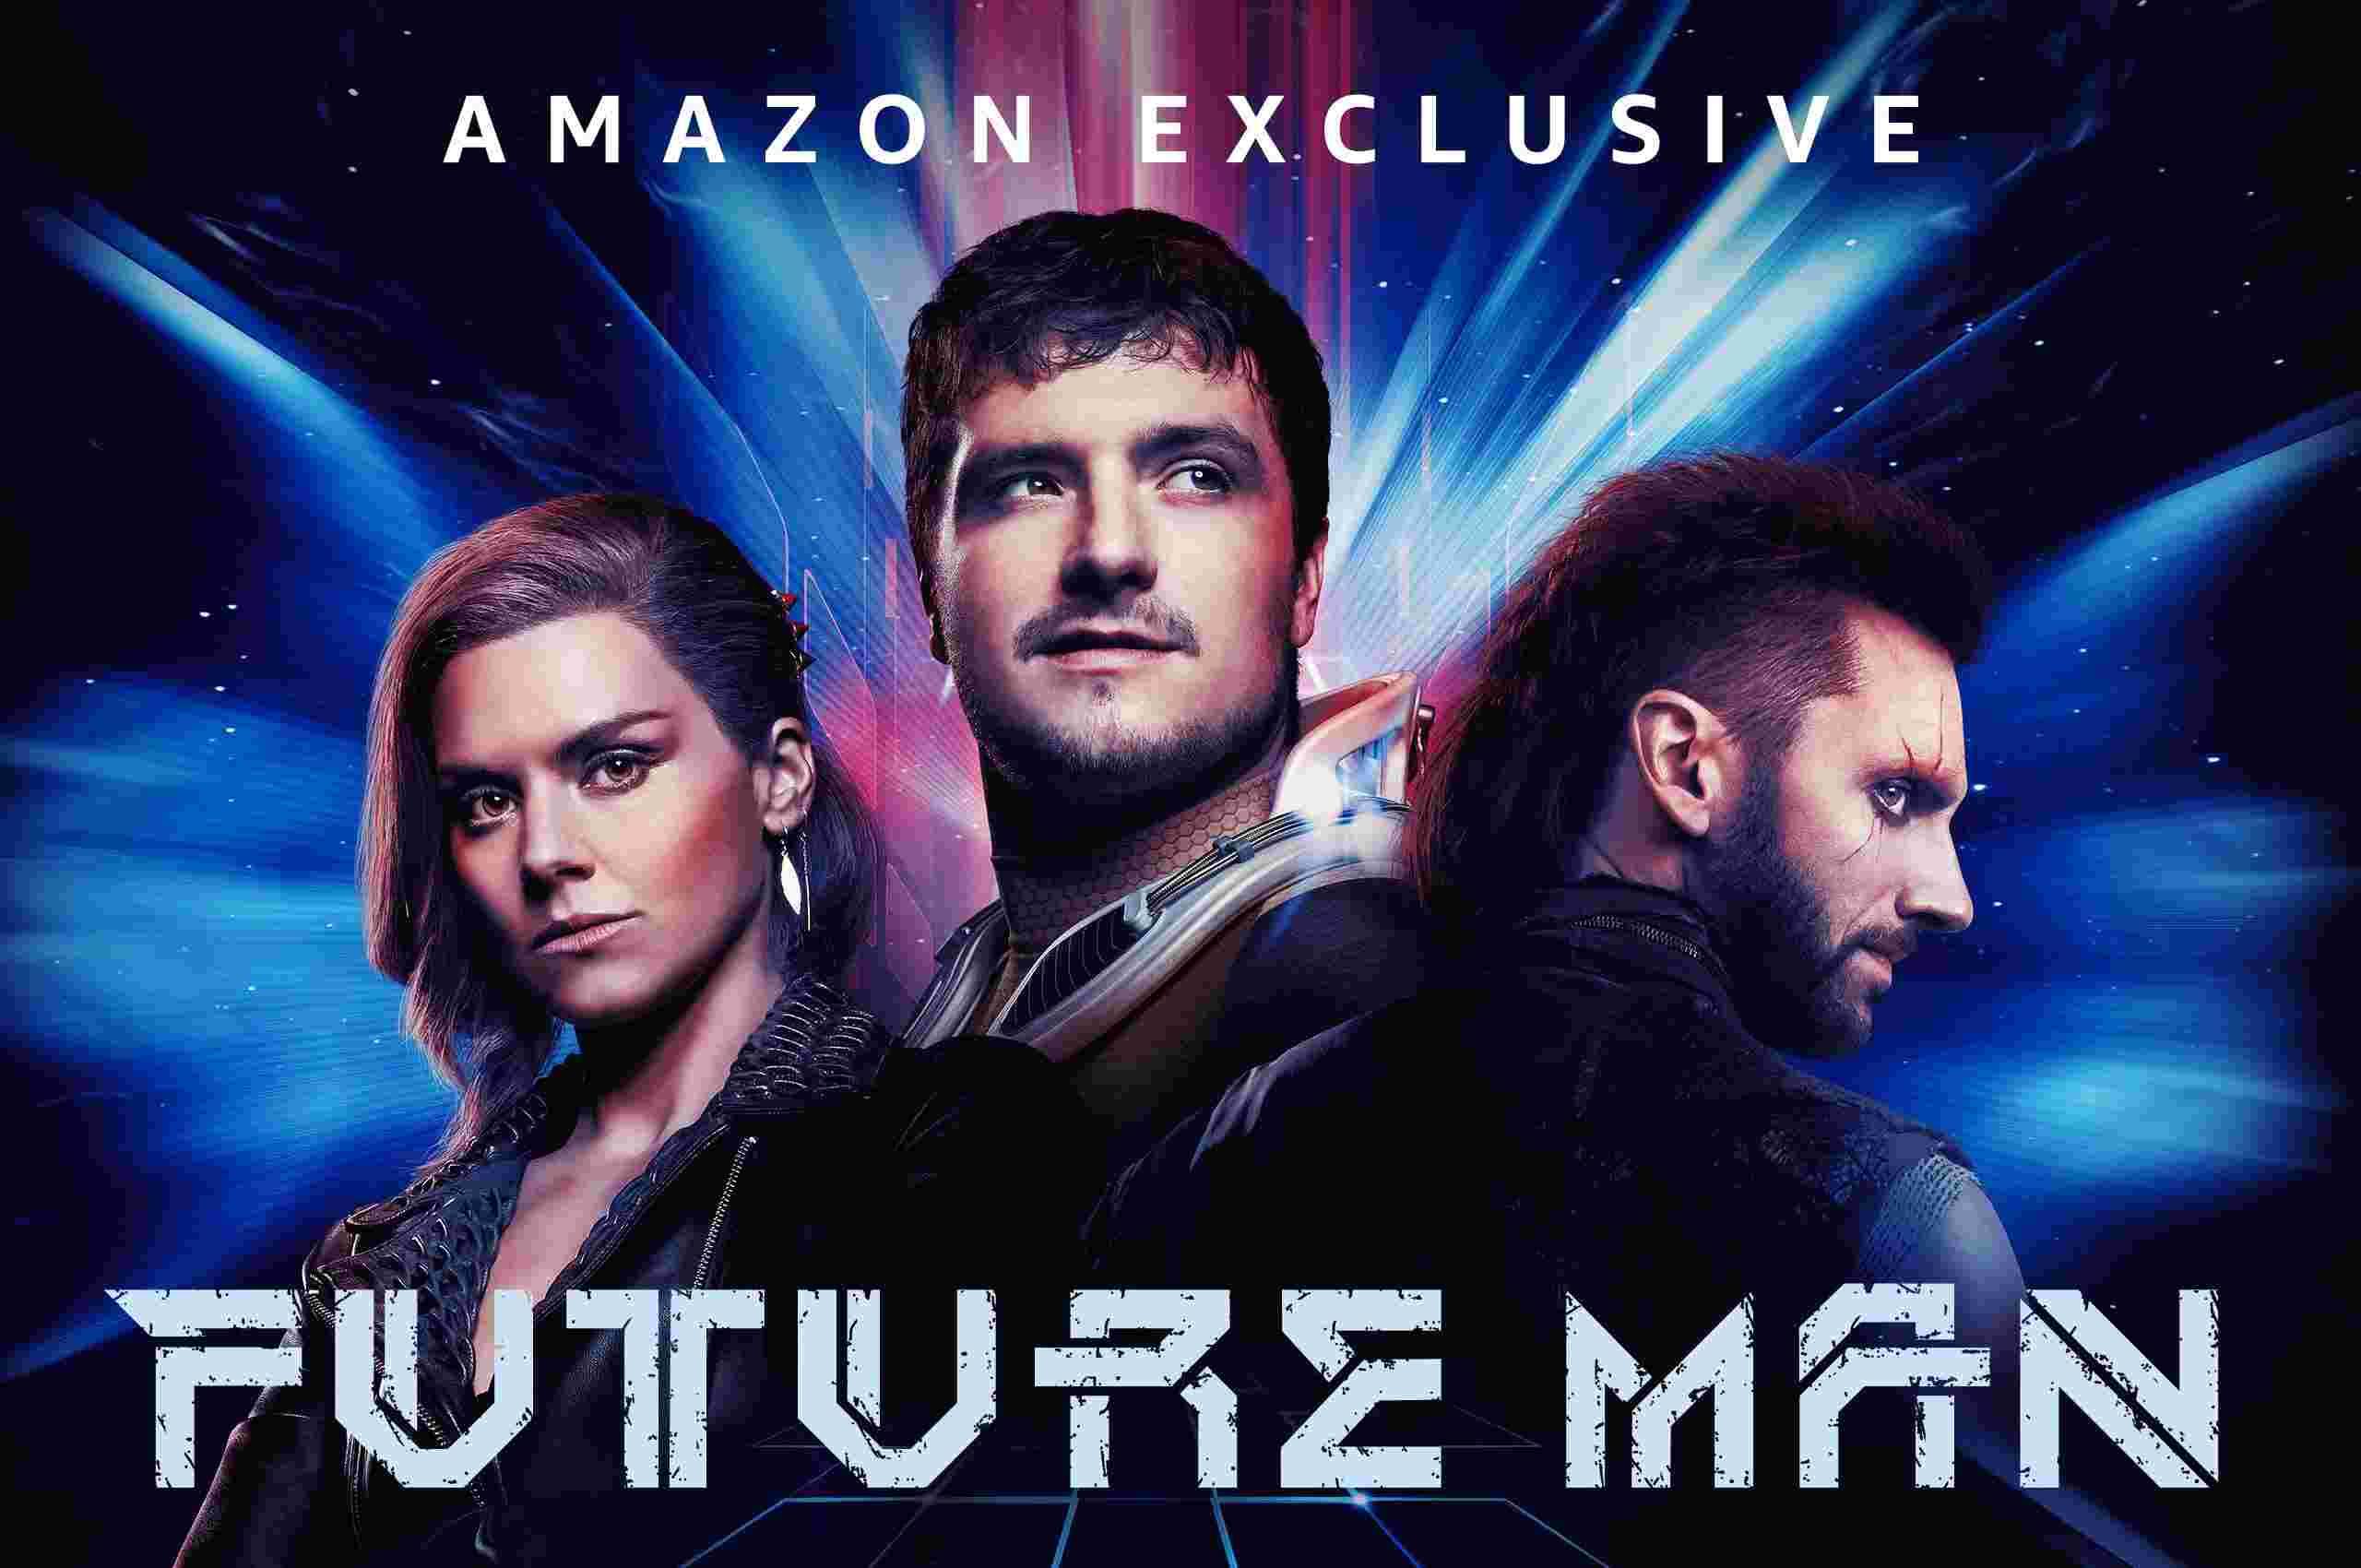 future man stagione 3 amazon prime video esclusiva copertina